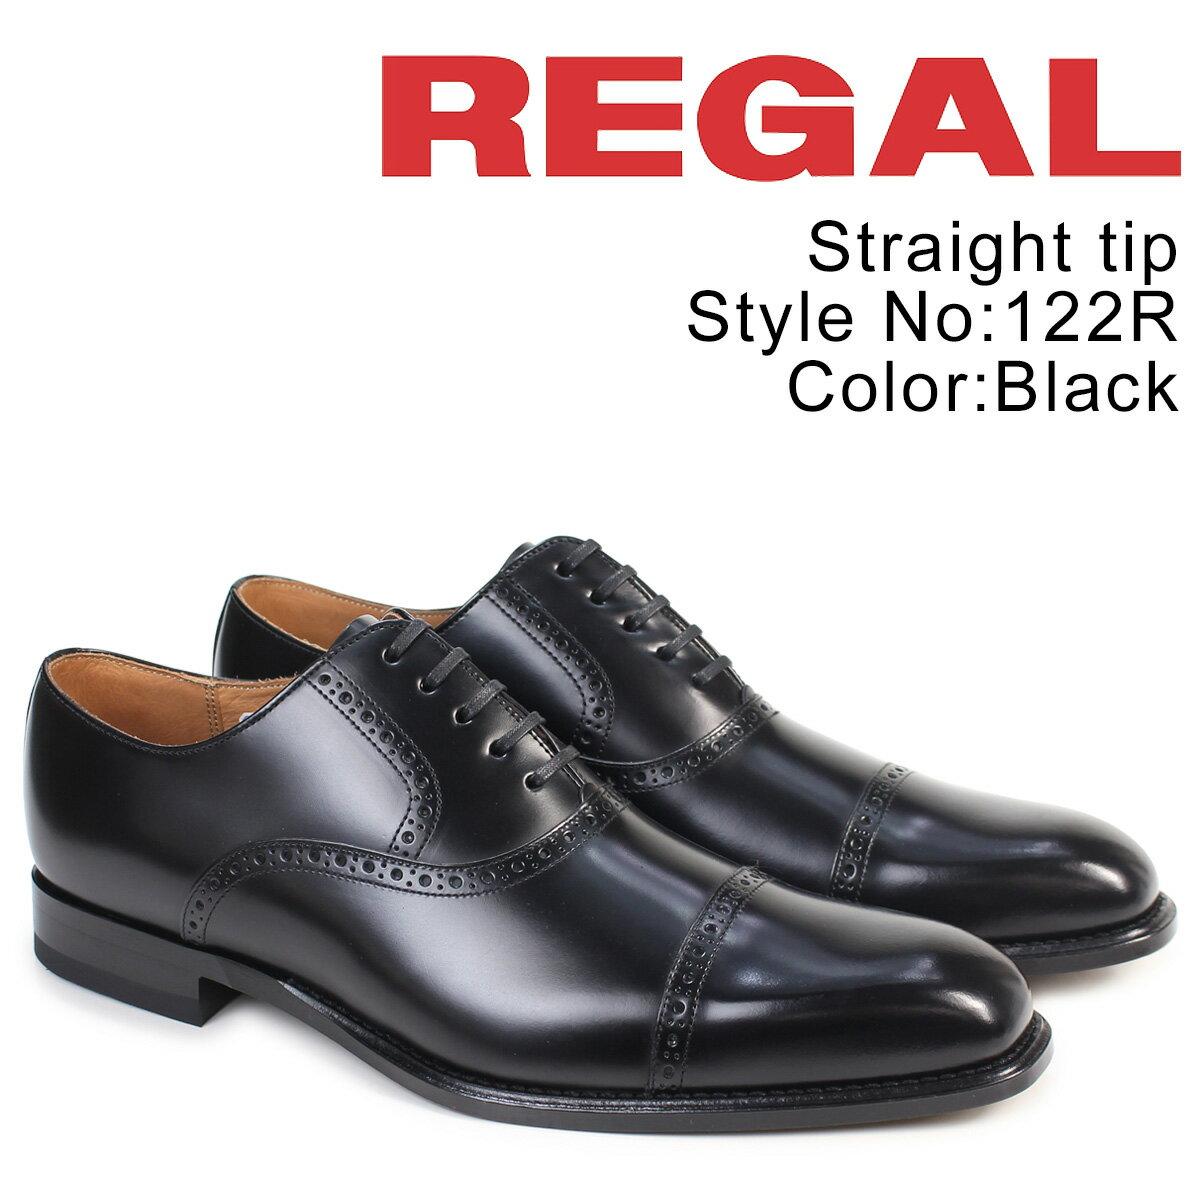 リーガル 靴 メンズ REGAL ストレートチップ 122RAL ビジネスシューズ 日本製 ブラック [9/7 追加入荷]